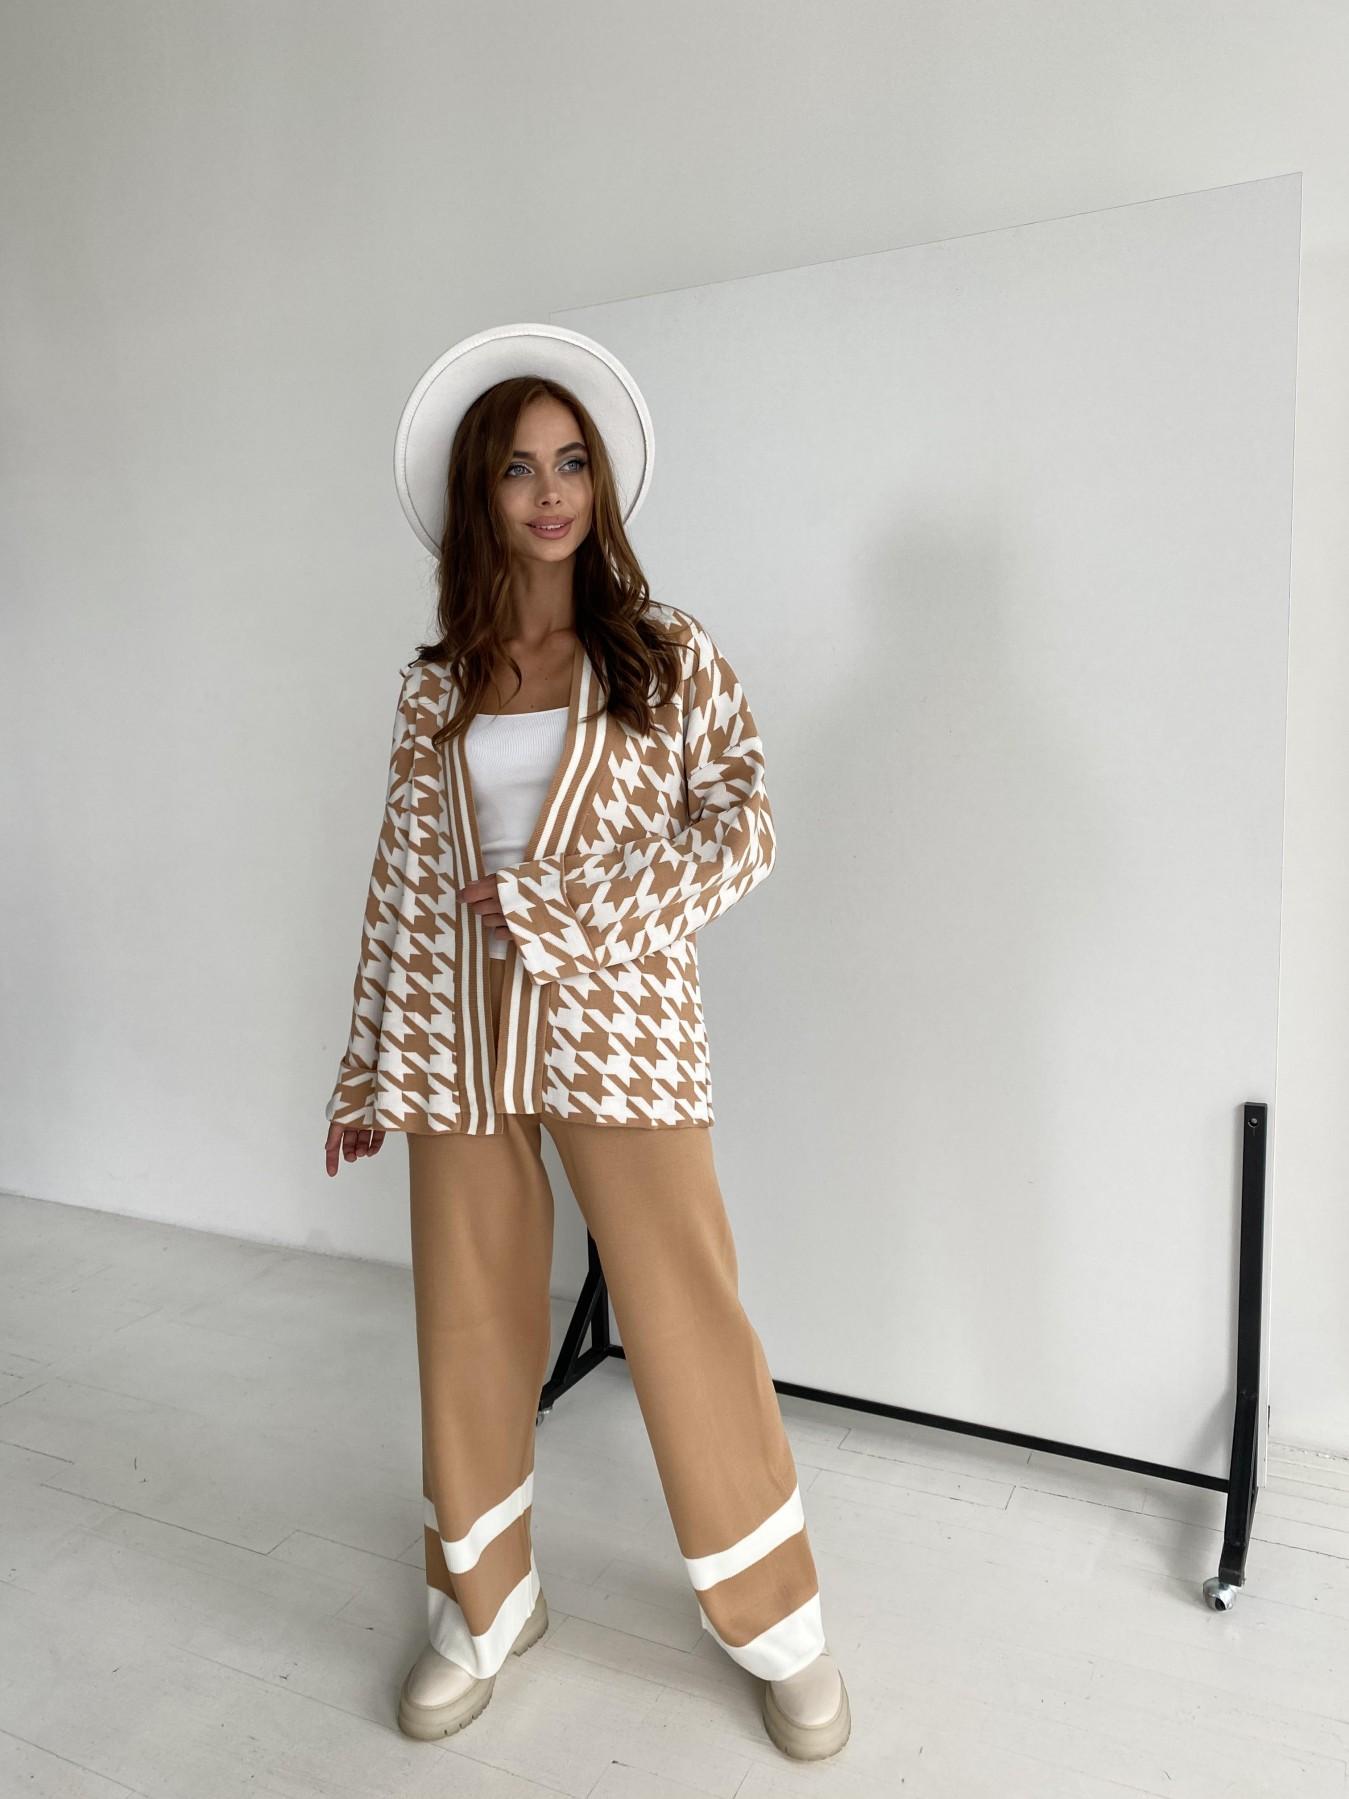 Вязаный трикотажный костюм 91281 АРТ. 48582 Цвет: Кемел/молоко - фото 3, интернет магазин tm-modus.ru